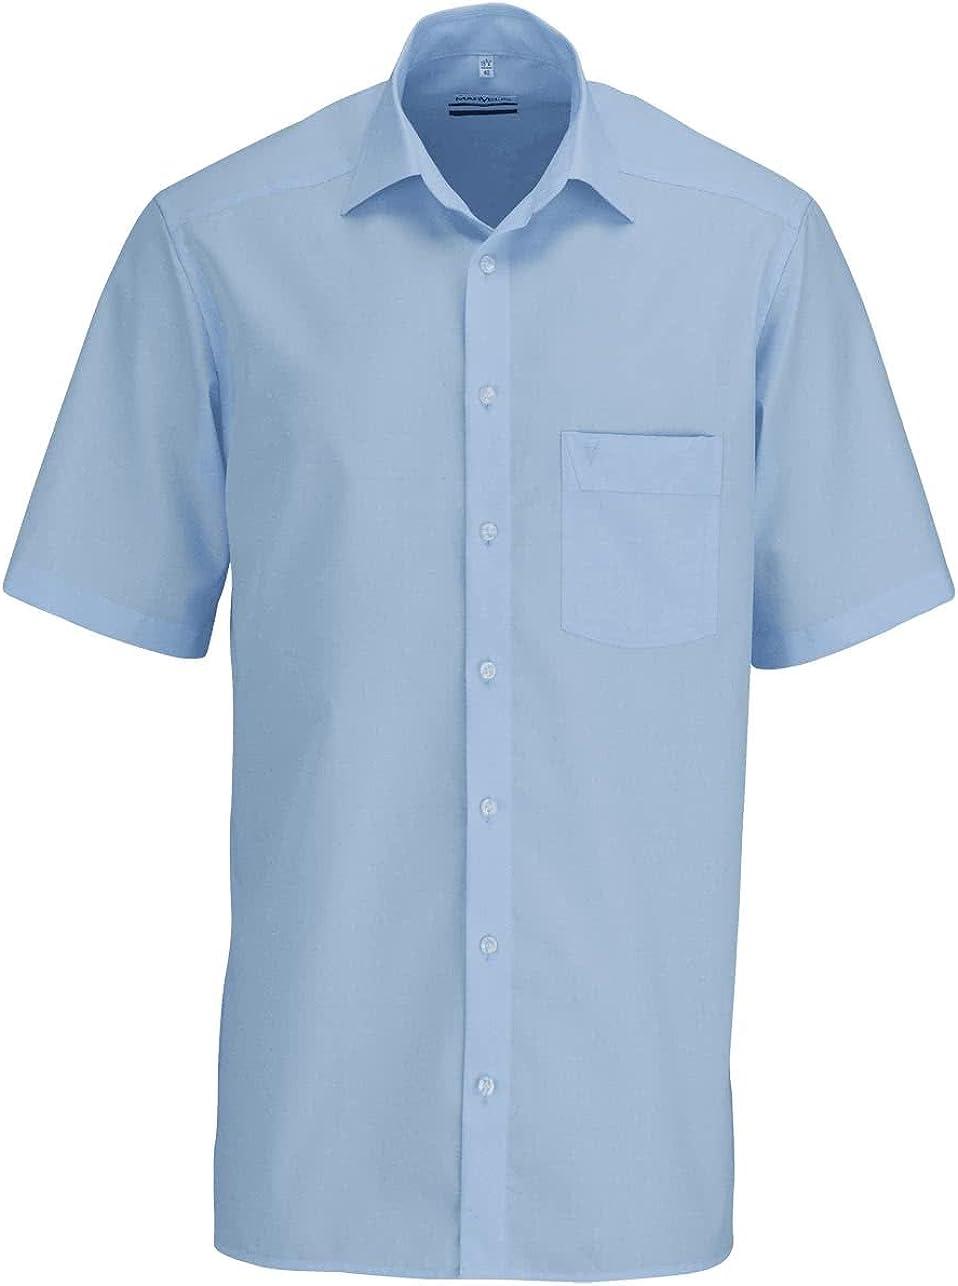 Marvelis City-Hemd langarm Comfort Fit weiß mit blau-rotem Kragen-Besatz FS 2020